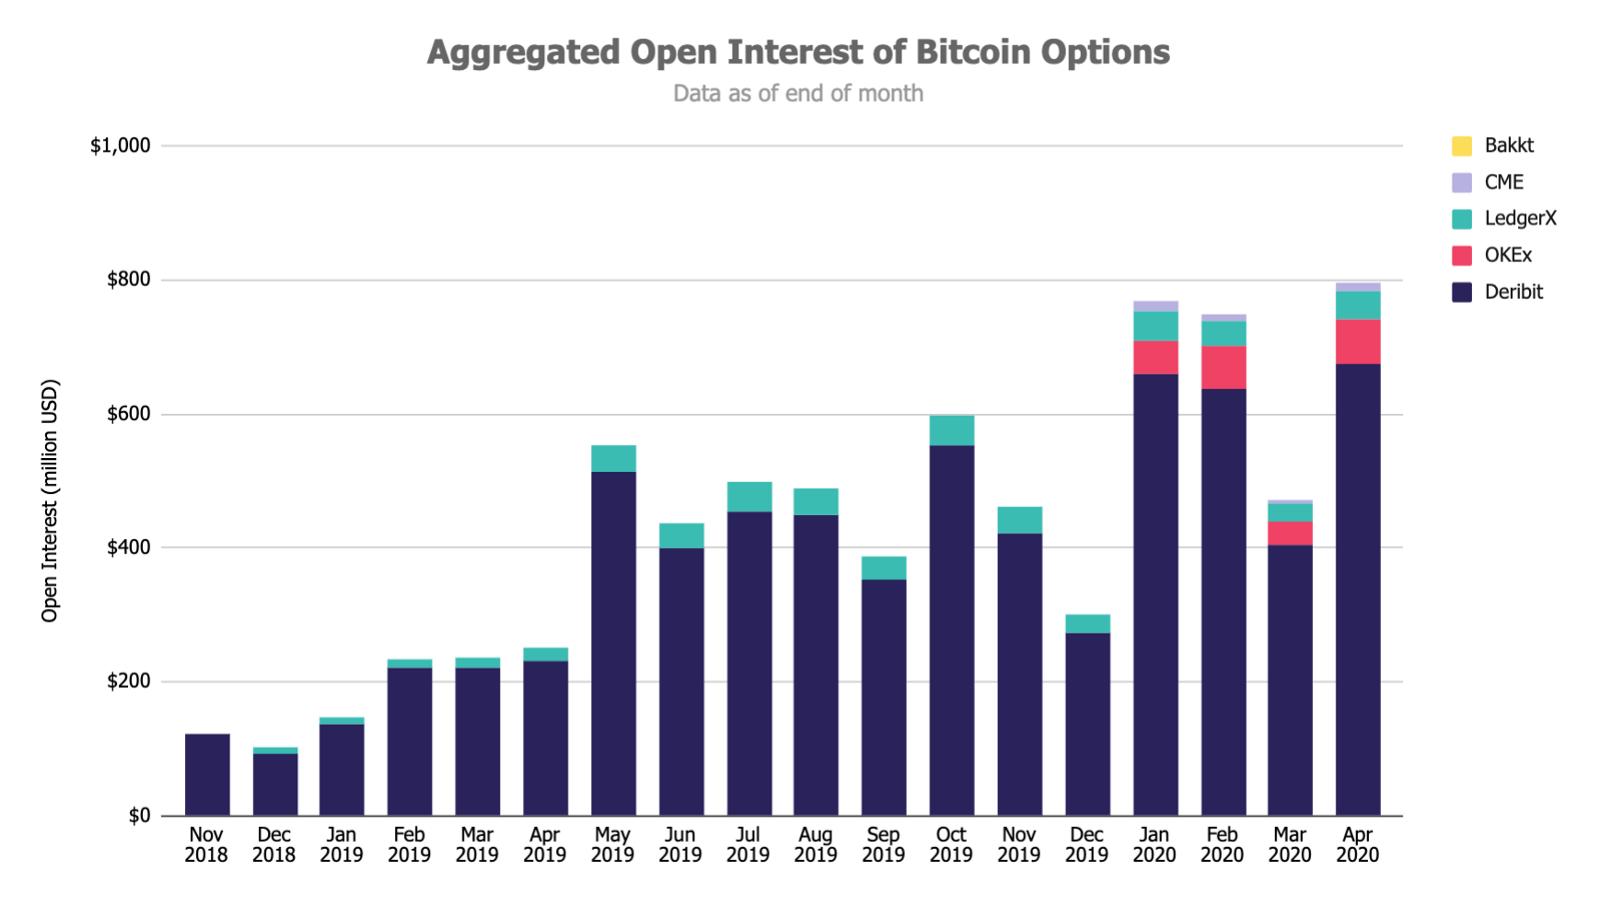 Биткоин-опционы бьют рекорды, а биржи соревнуются за этот сегмент.